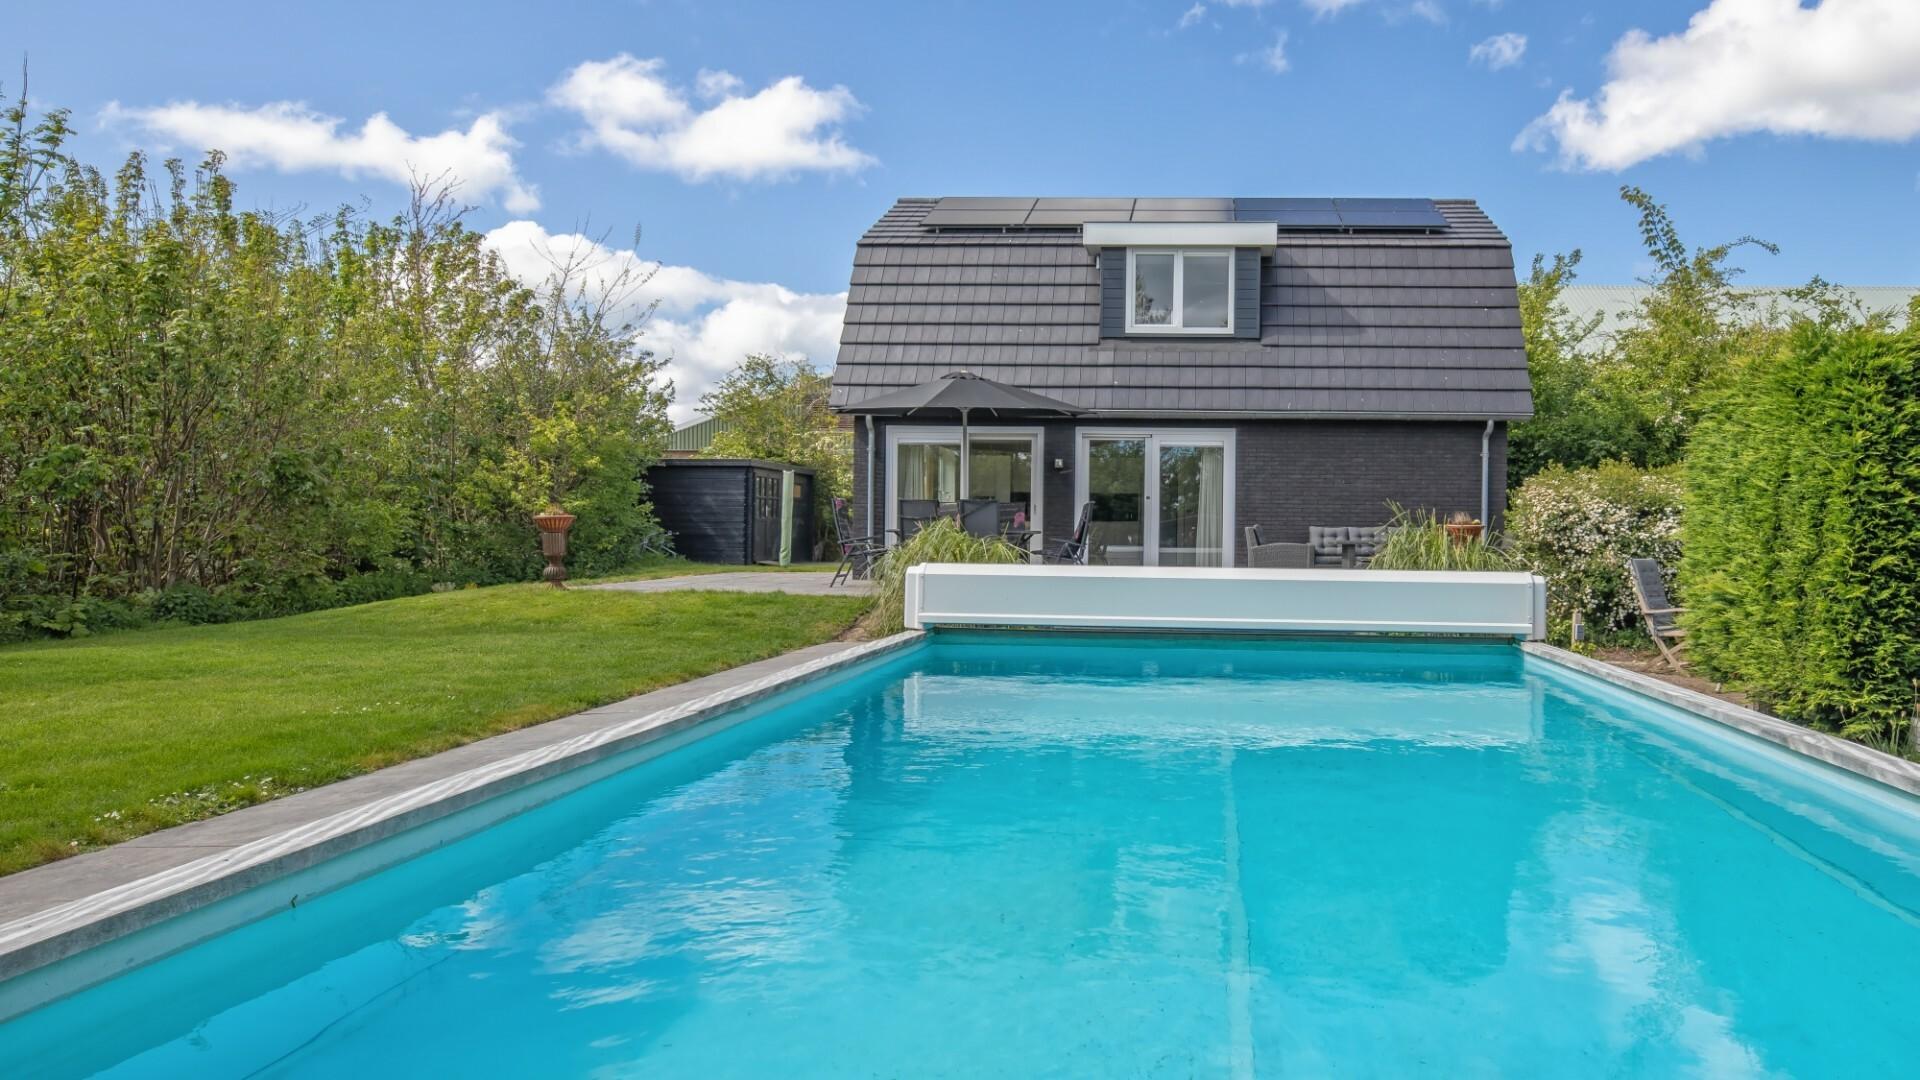 Vakantiehuis Meyertebos met eigen zwembad VVV Texel